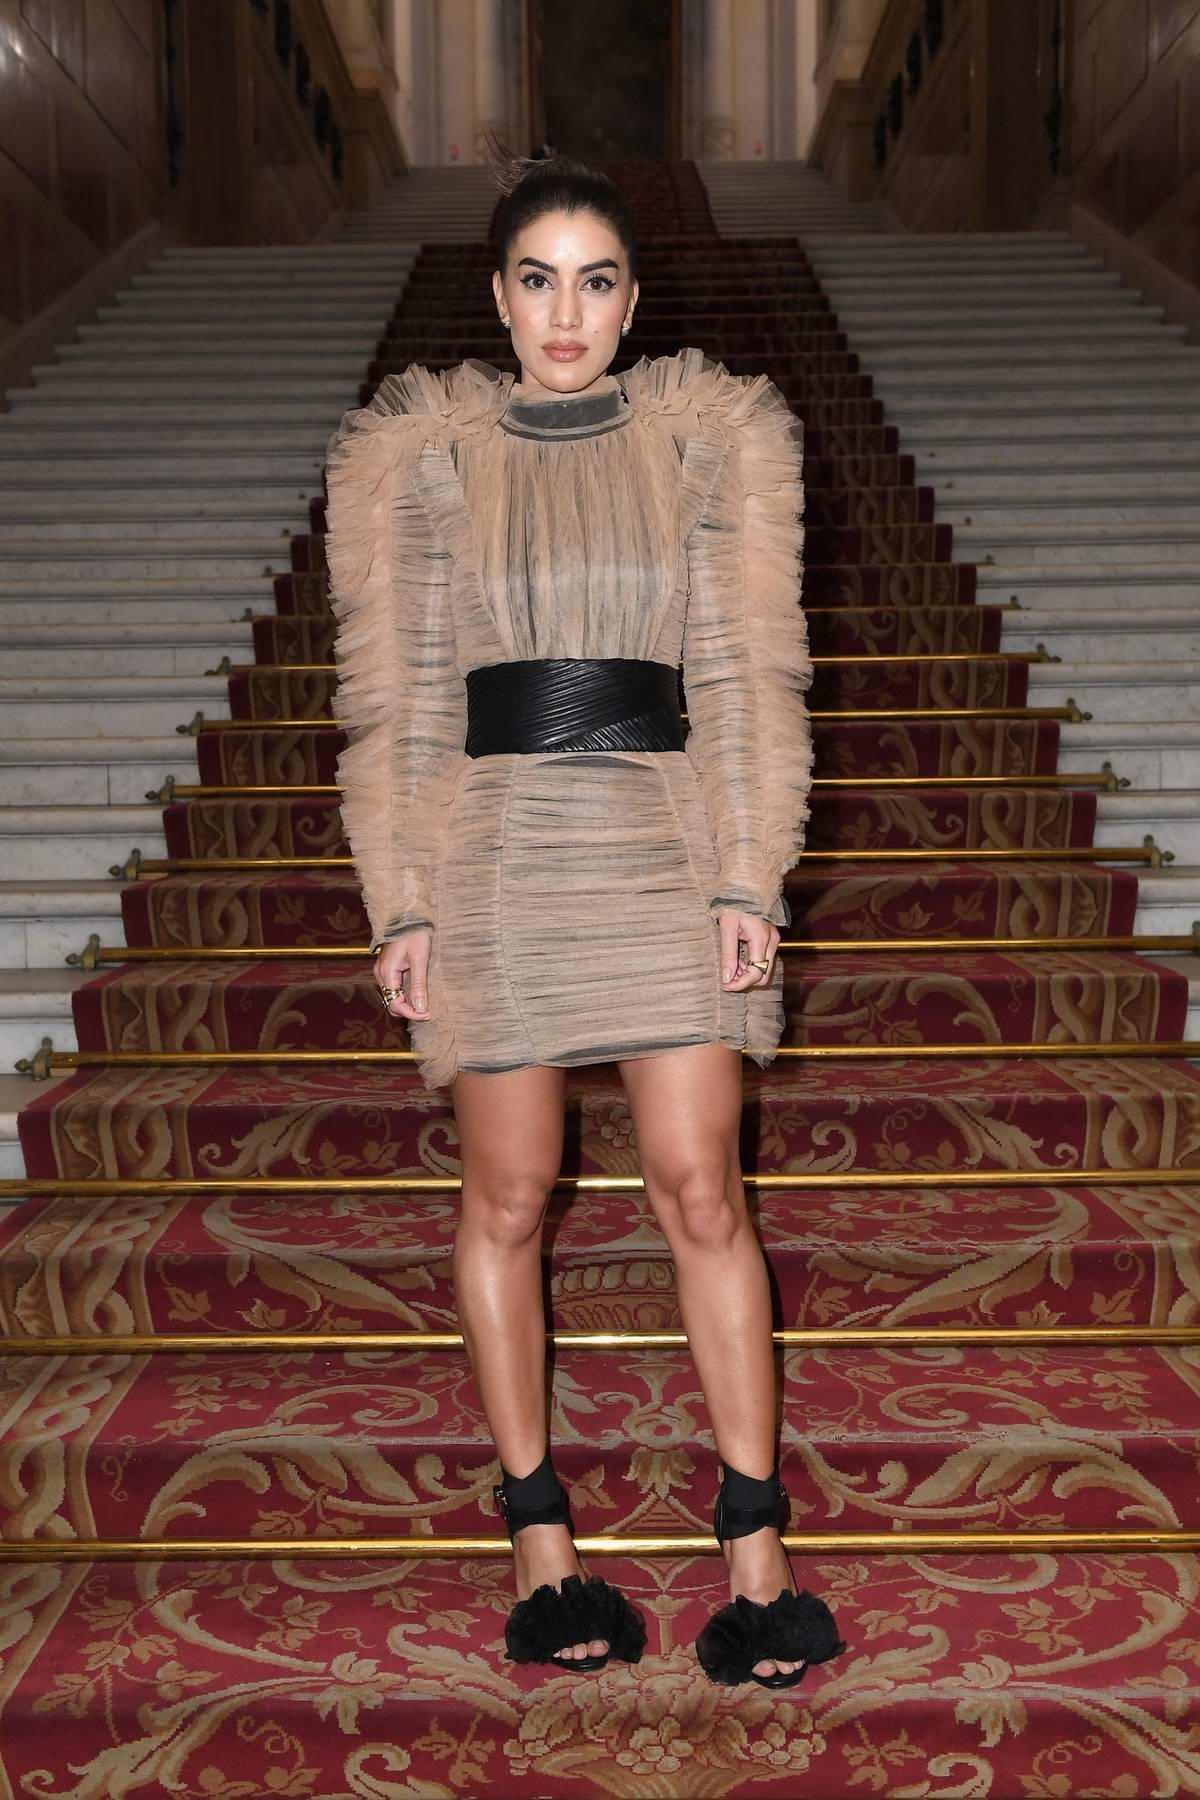 Camila Coelho attends the Balmain Show during Paris Fashion Week in Paris, France